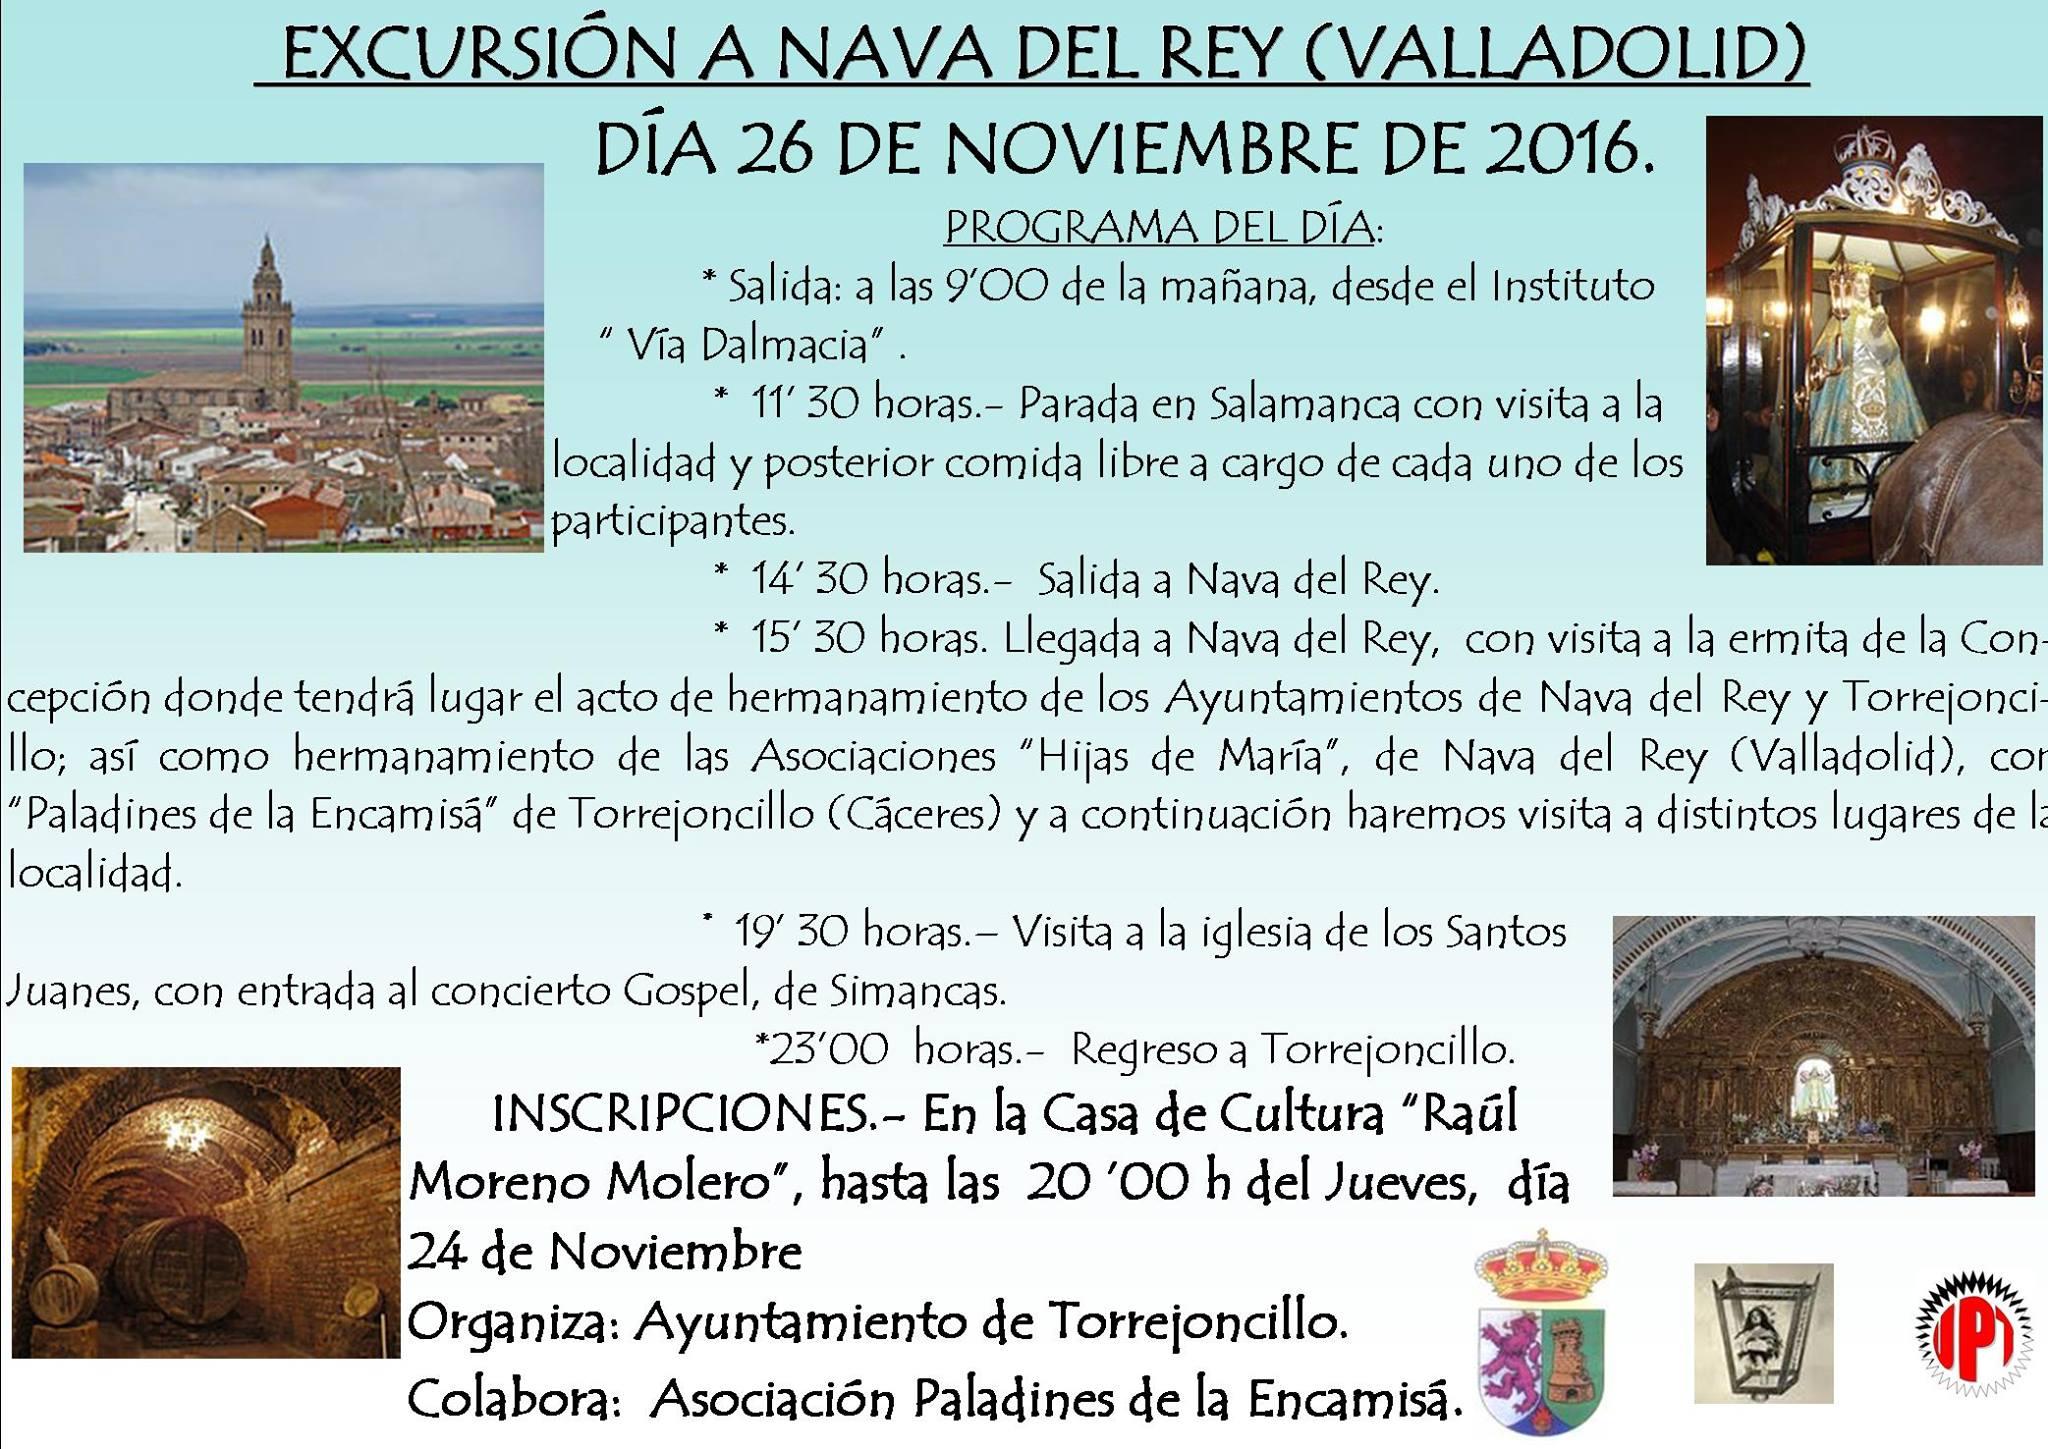 Excursión a Nava del Rey (Valladolid)